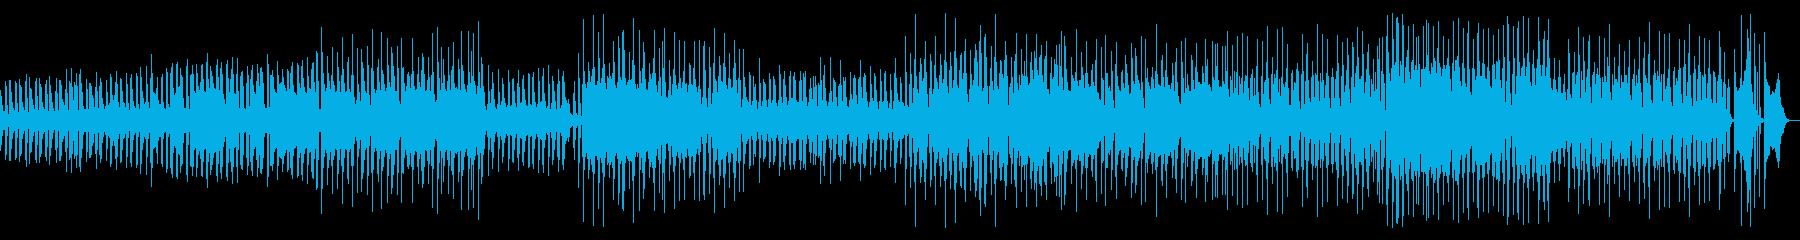 子供っぽく可愛い雰囲気の曲の再生済みの波形